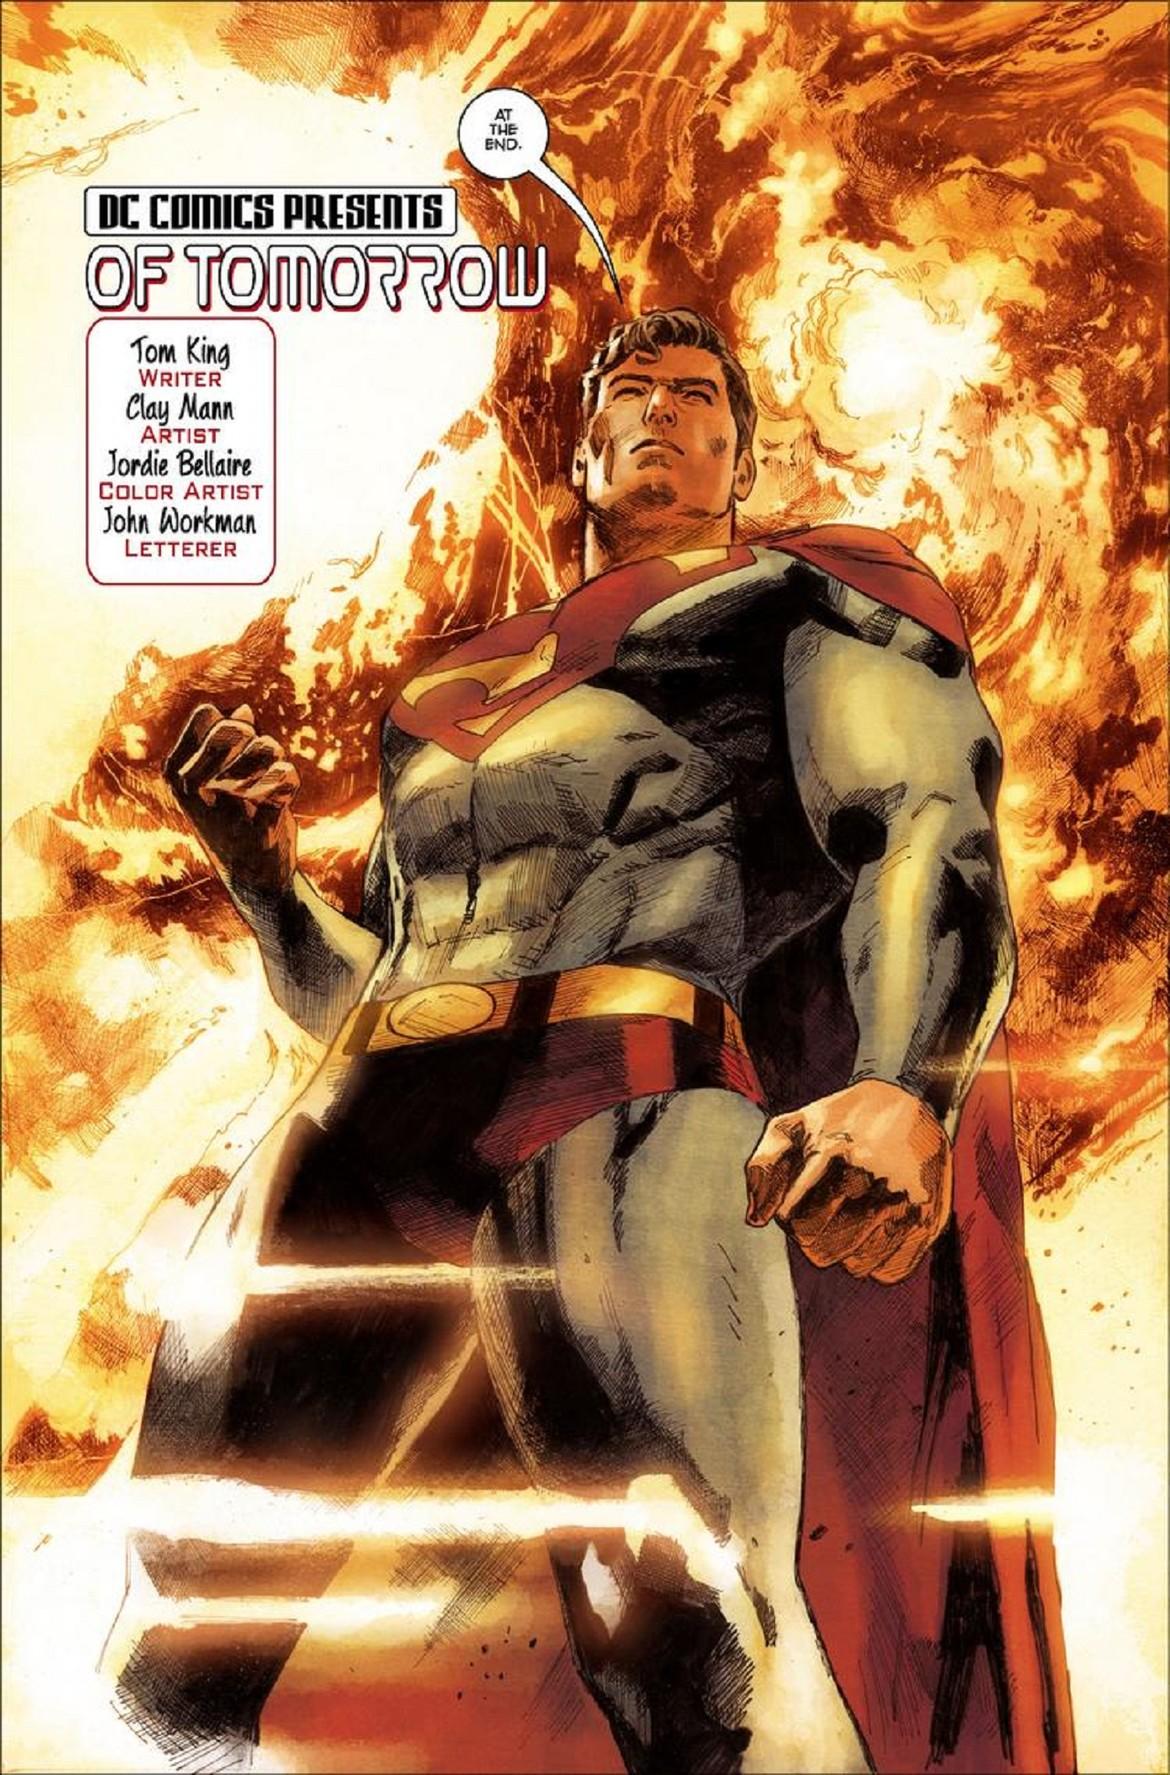 dc comics of tomorrow action comics 1000 superman